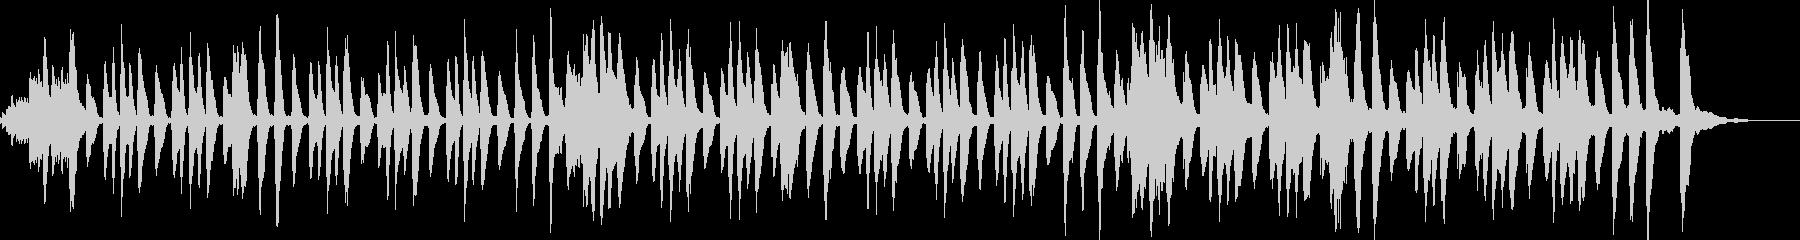 明るい曲 バイオリン/アップテンポの未再生の波形